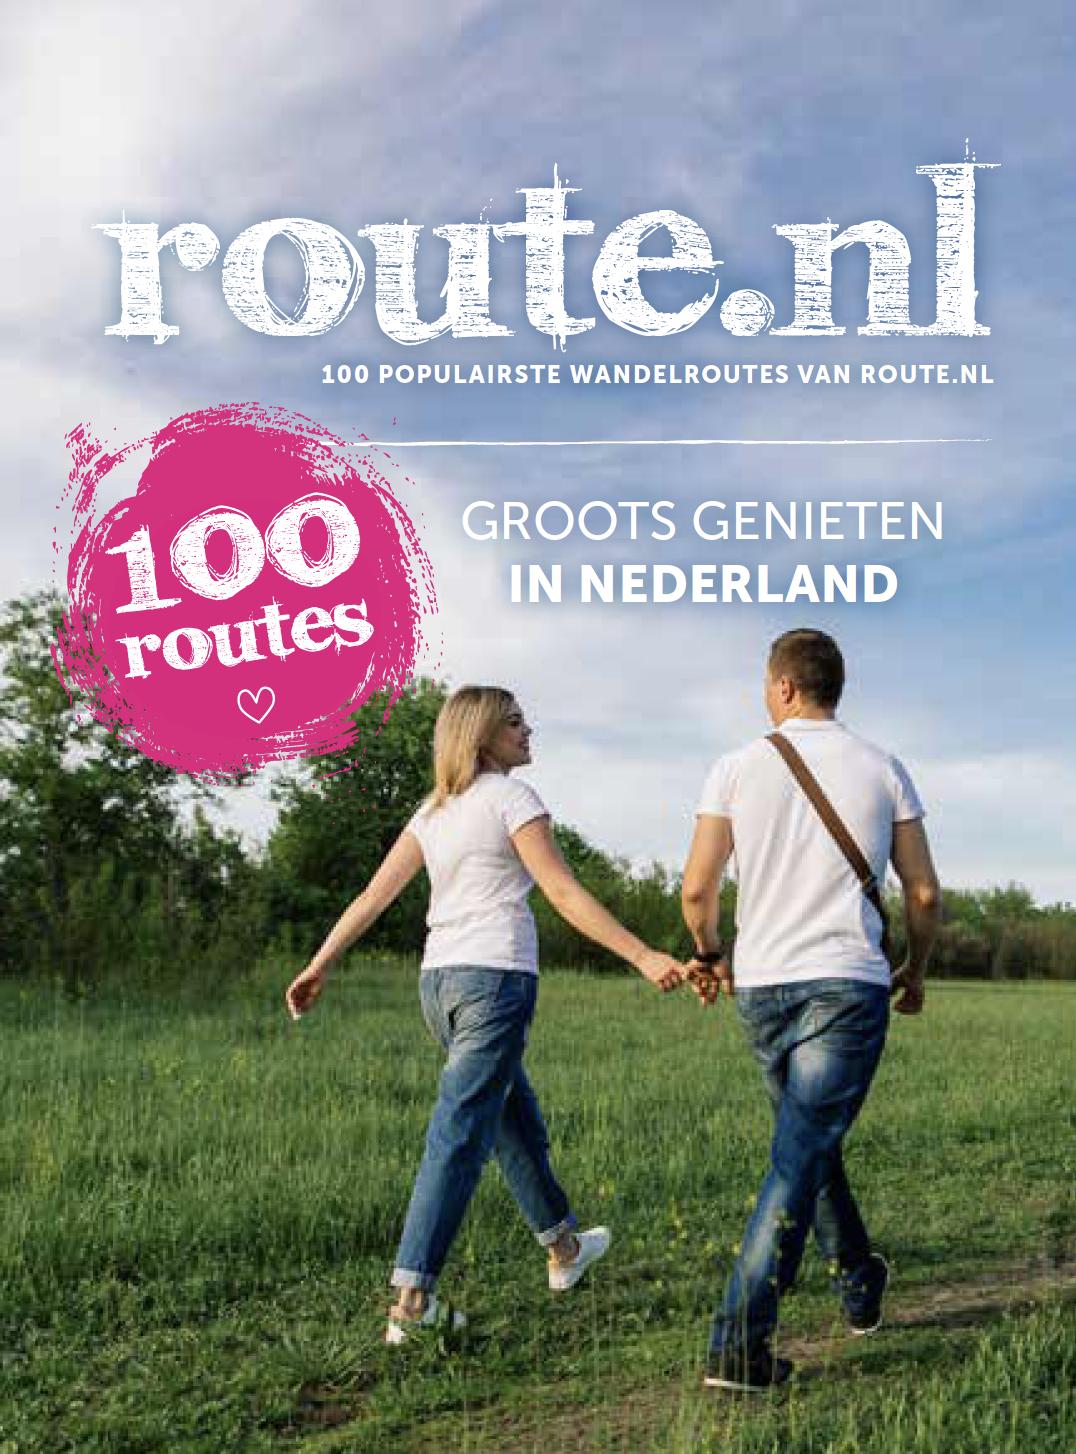 route.nl Groots Genieten 100 populairste wandelroutes van route.nl, picture 345788119